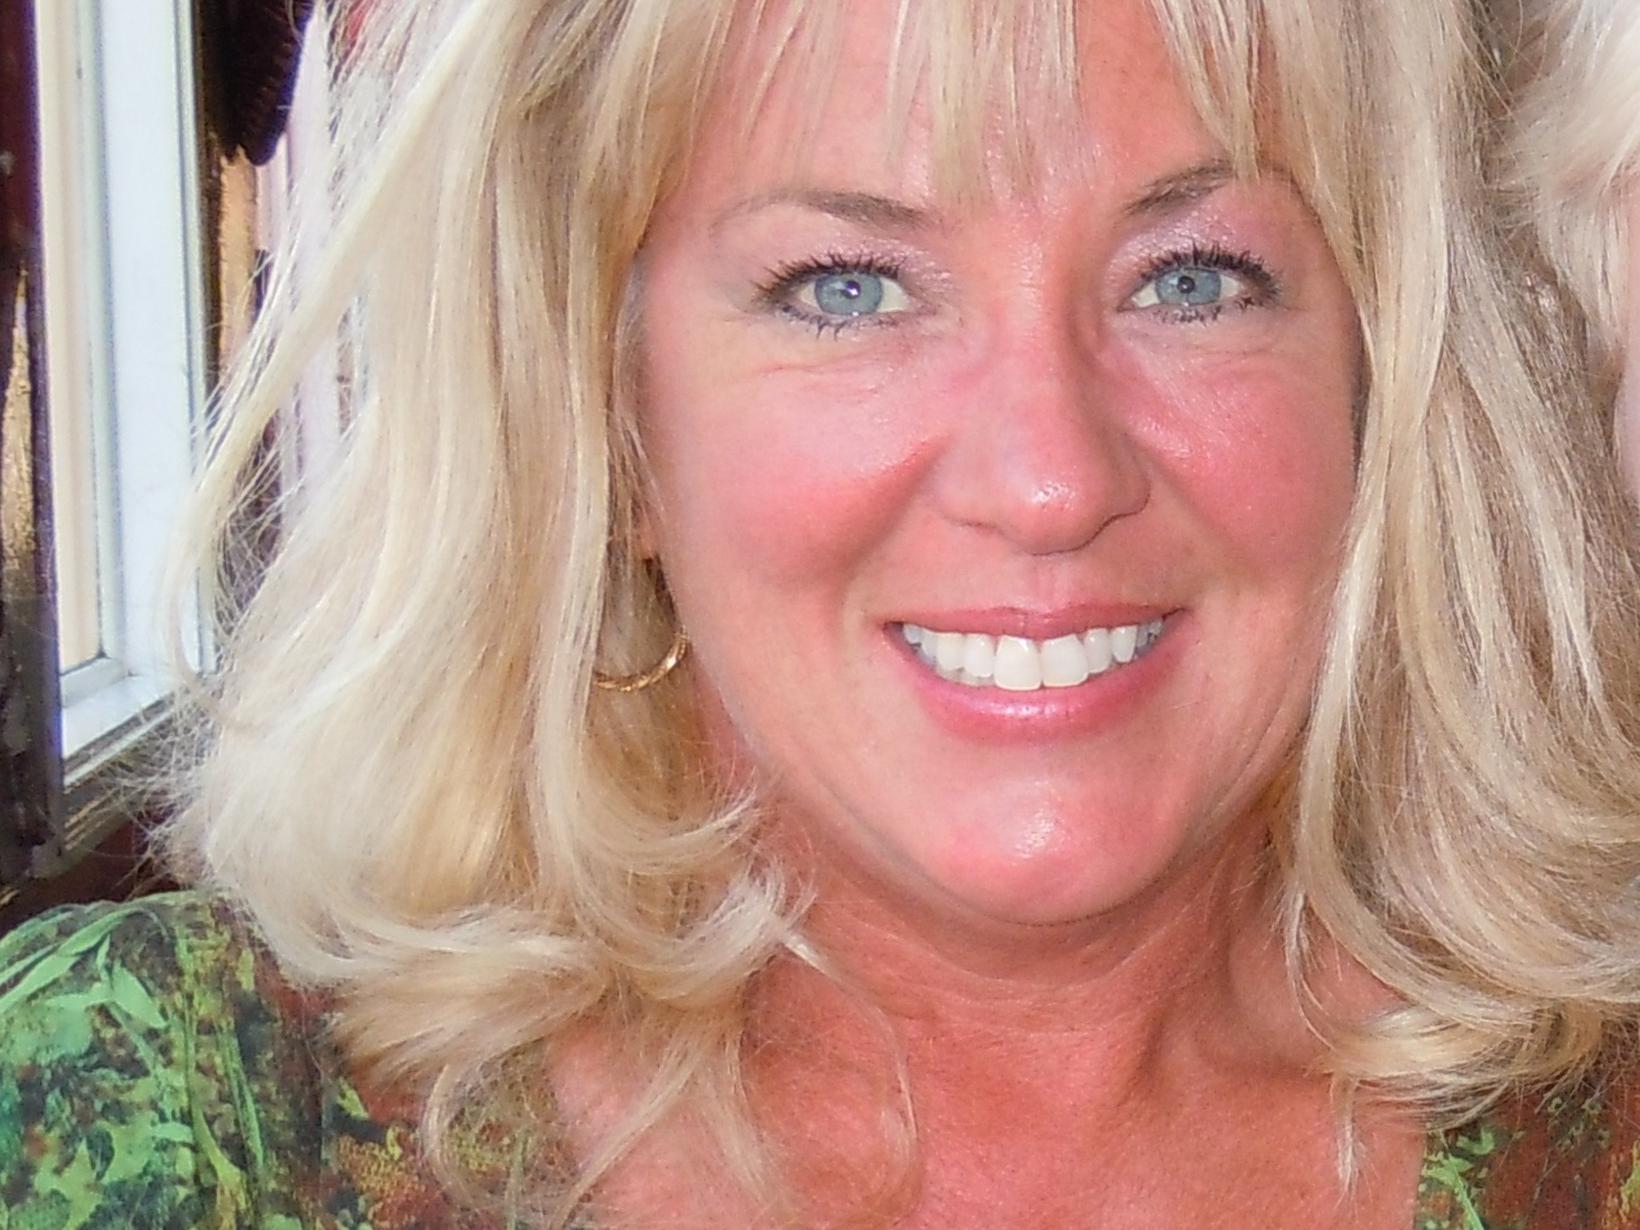 Kathleen from New Smyrna Beach, Florida, United States